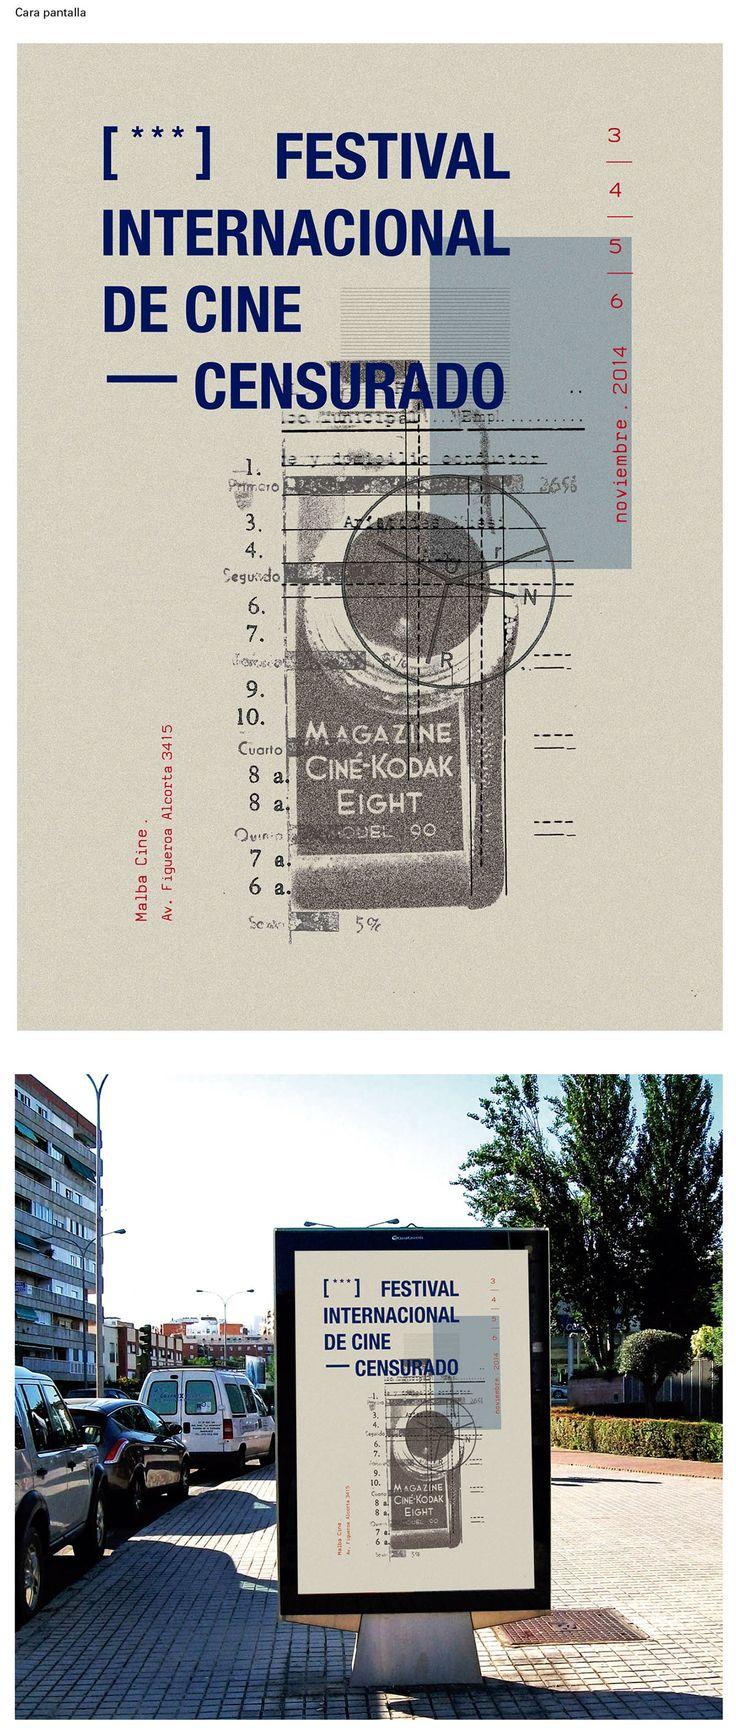 Trabajo final realizado para la materia Diseño Gráfico III, Cátedra Gabriele, de la carrera de Diseño Gráfico de la FADU, UBA. 2014